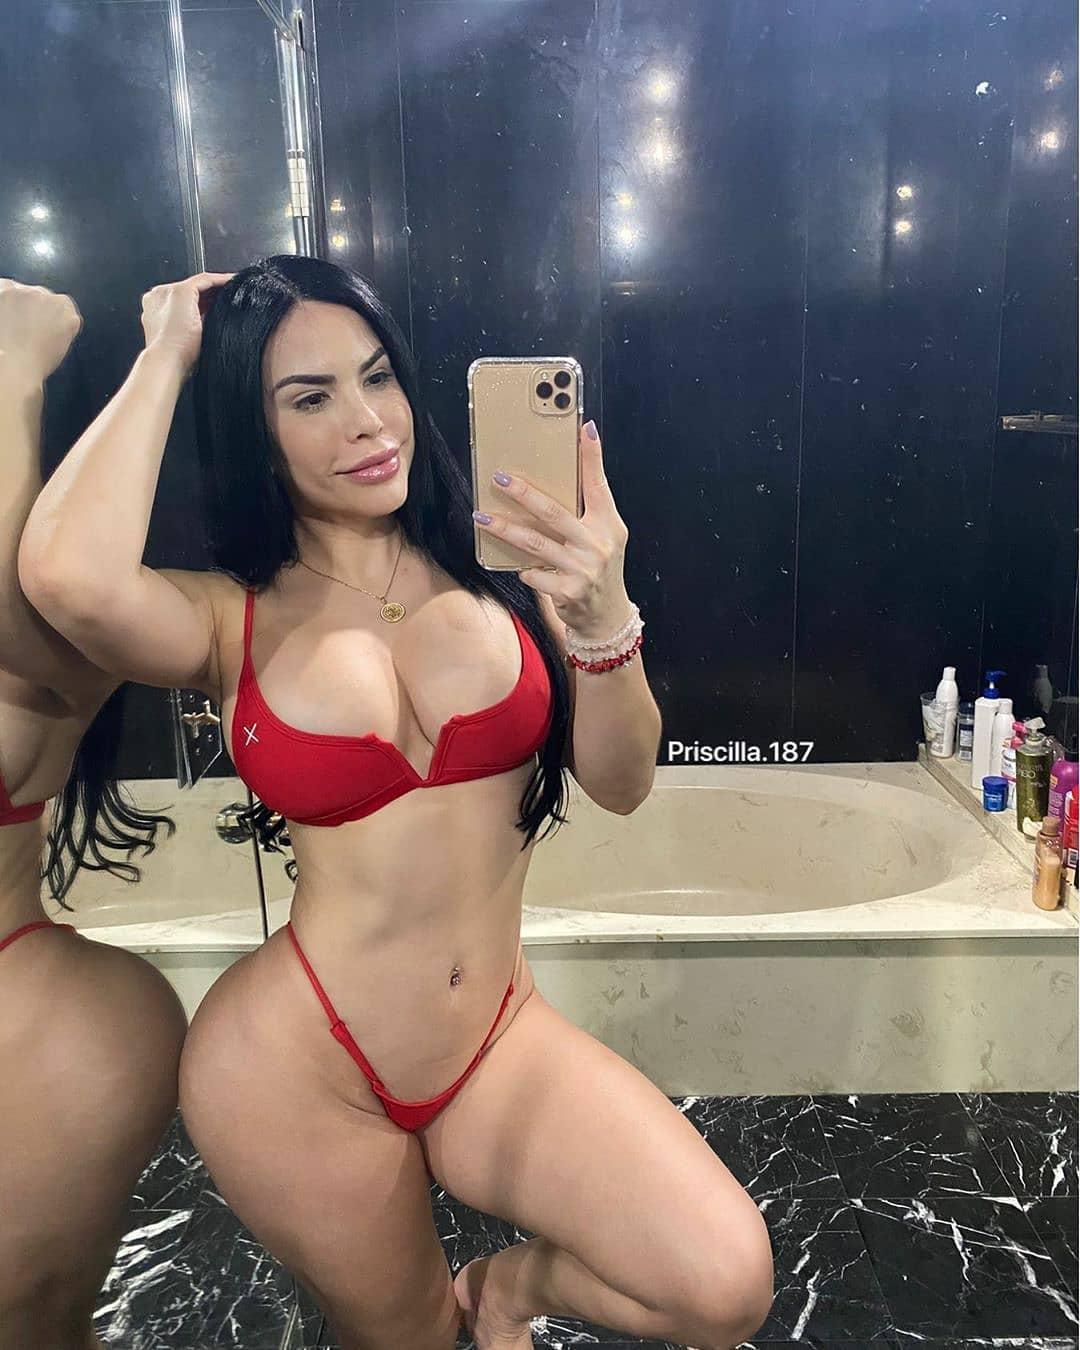 Beautiful Bolivian Women men and